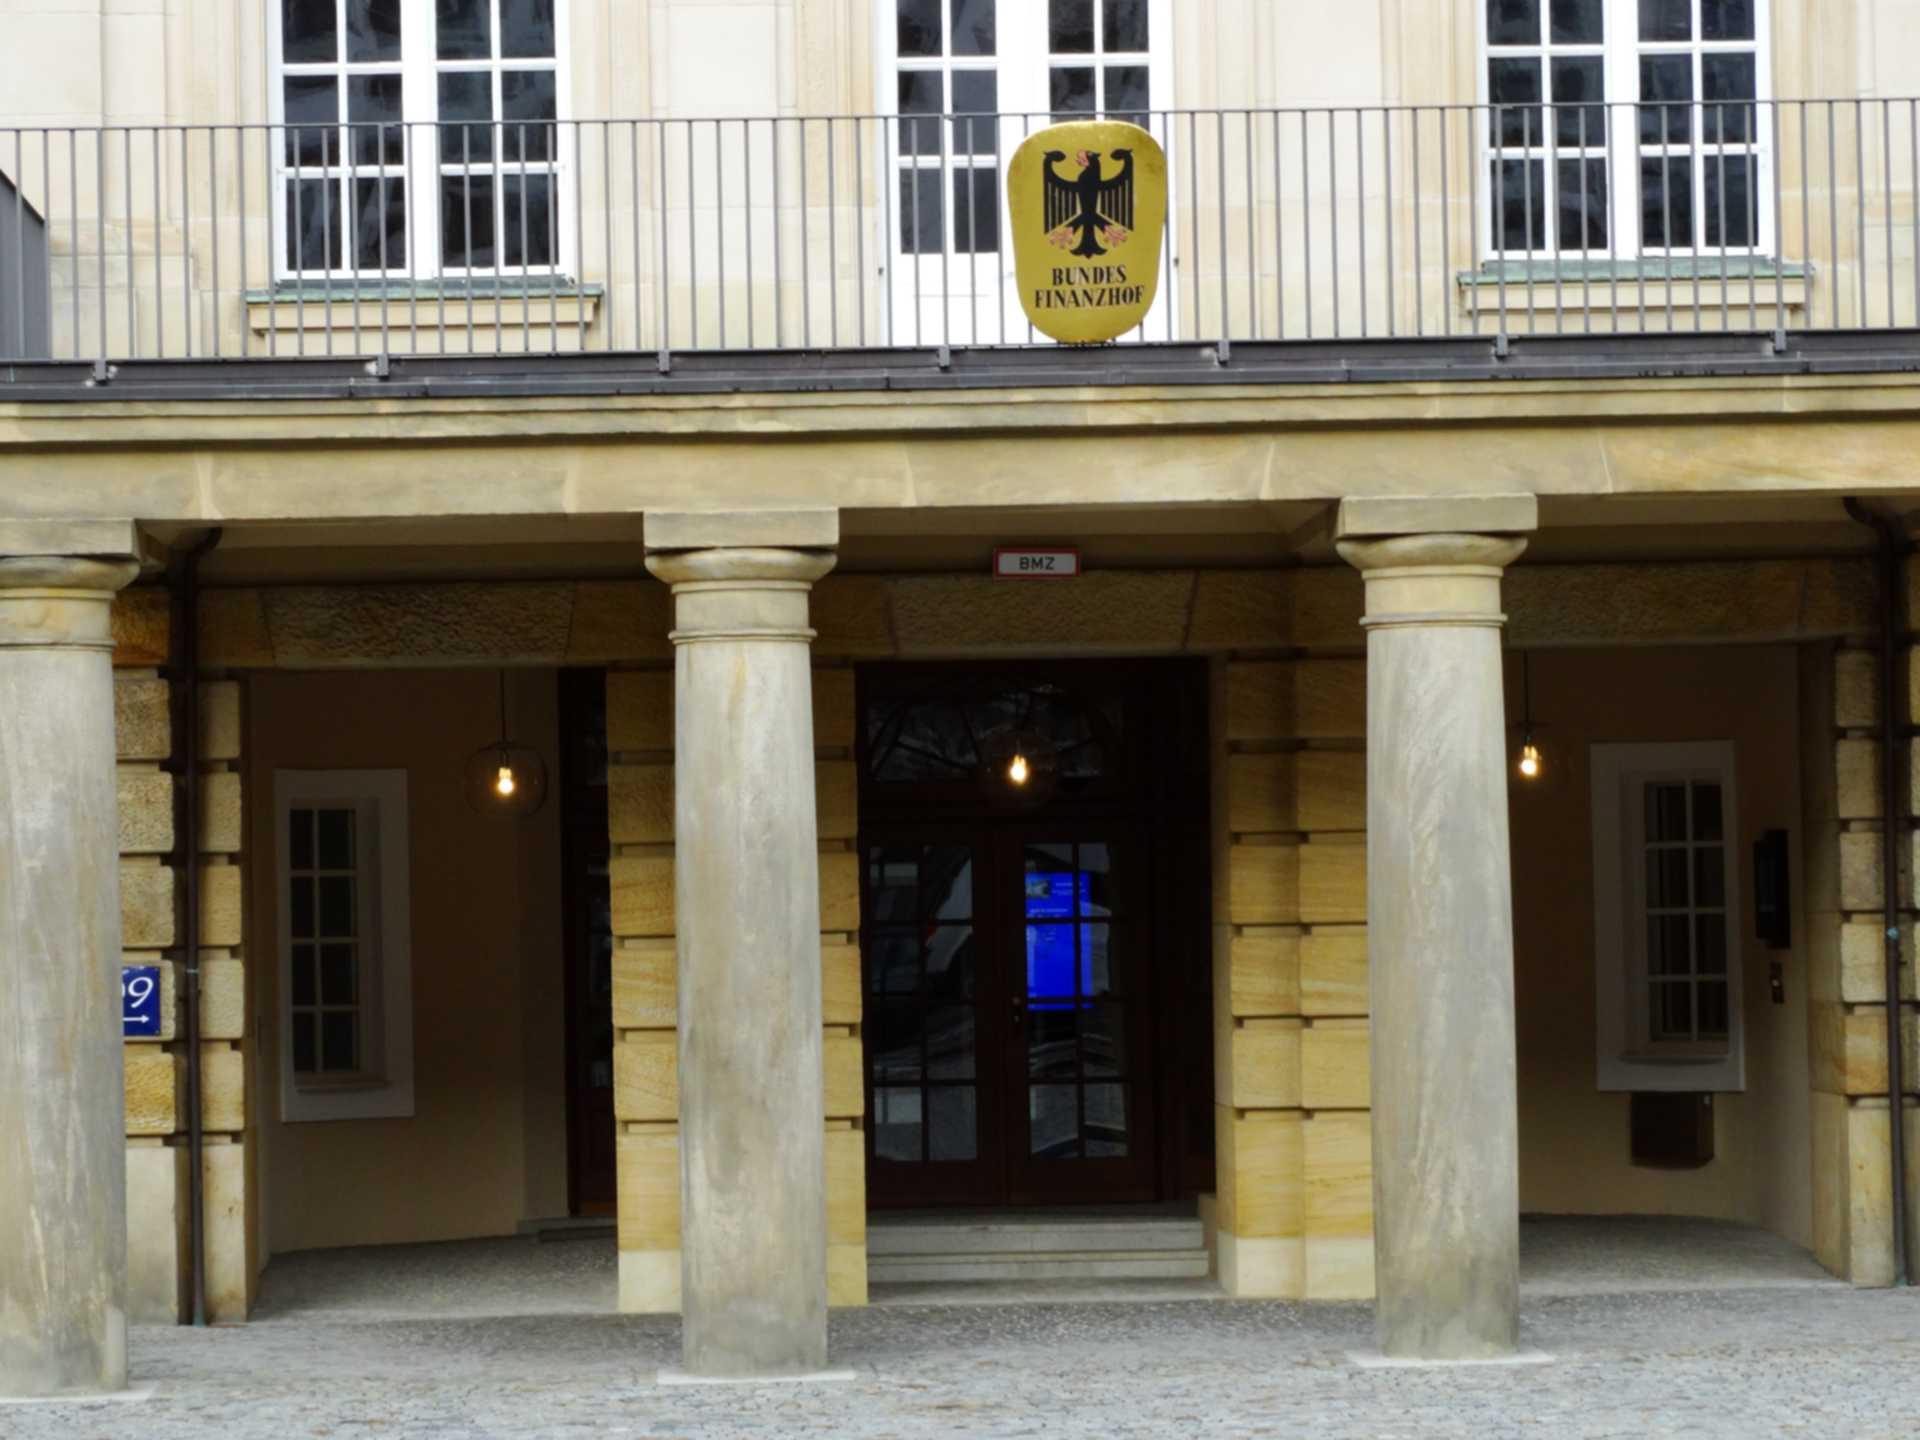 Besucherführungen beim Bundestag – als umsatzsteuerfreie Unterrichtsleistungen